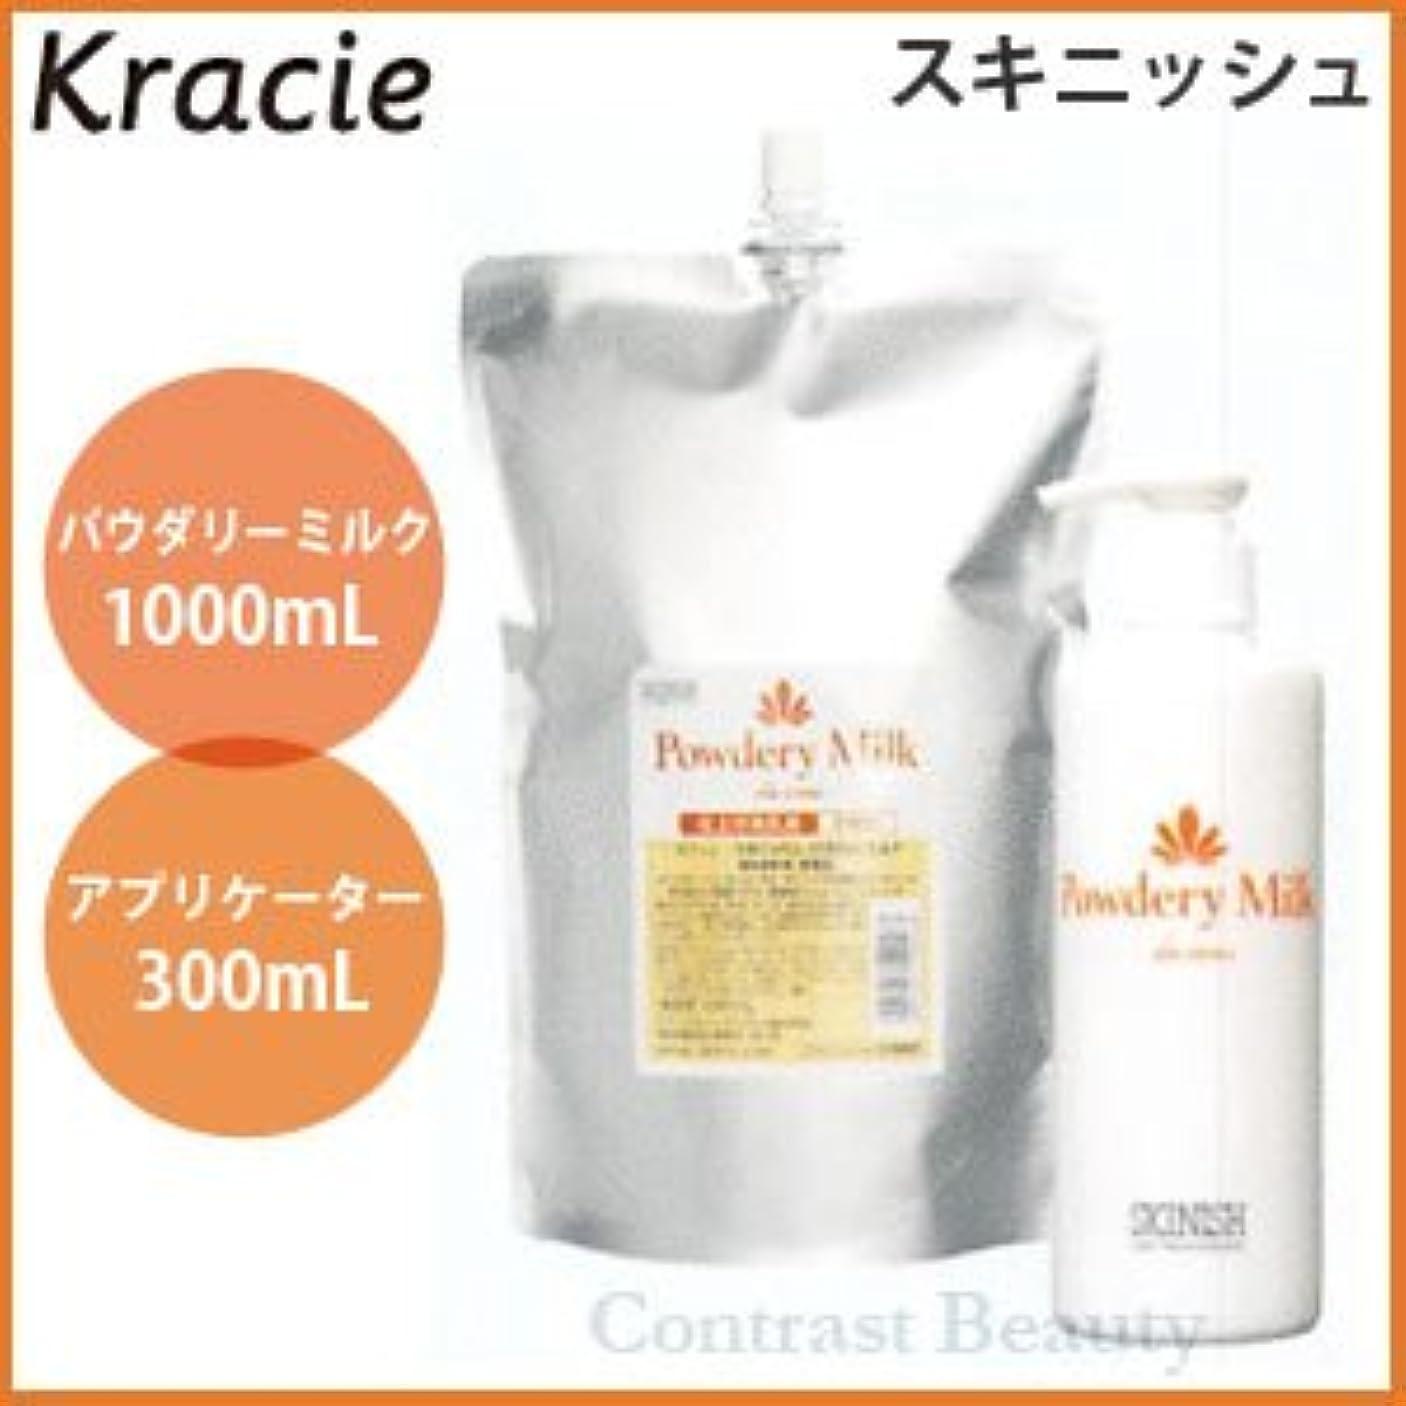 構築する大惨事よろしくクラシエ スキニッシュ パウダリーミルク 1000ml 詰替え用 & アプリケーター 300ml